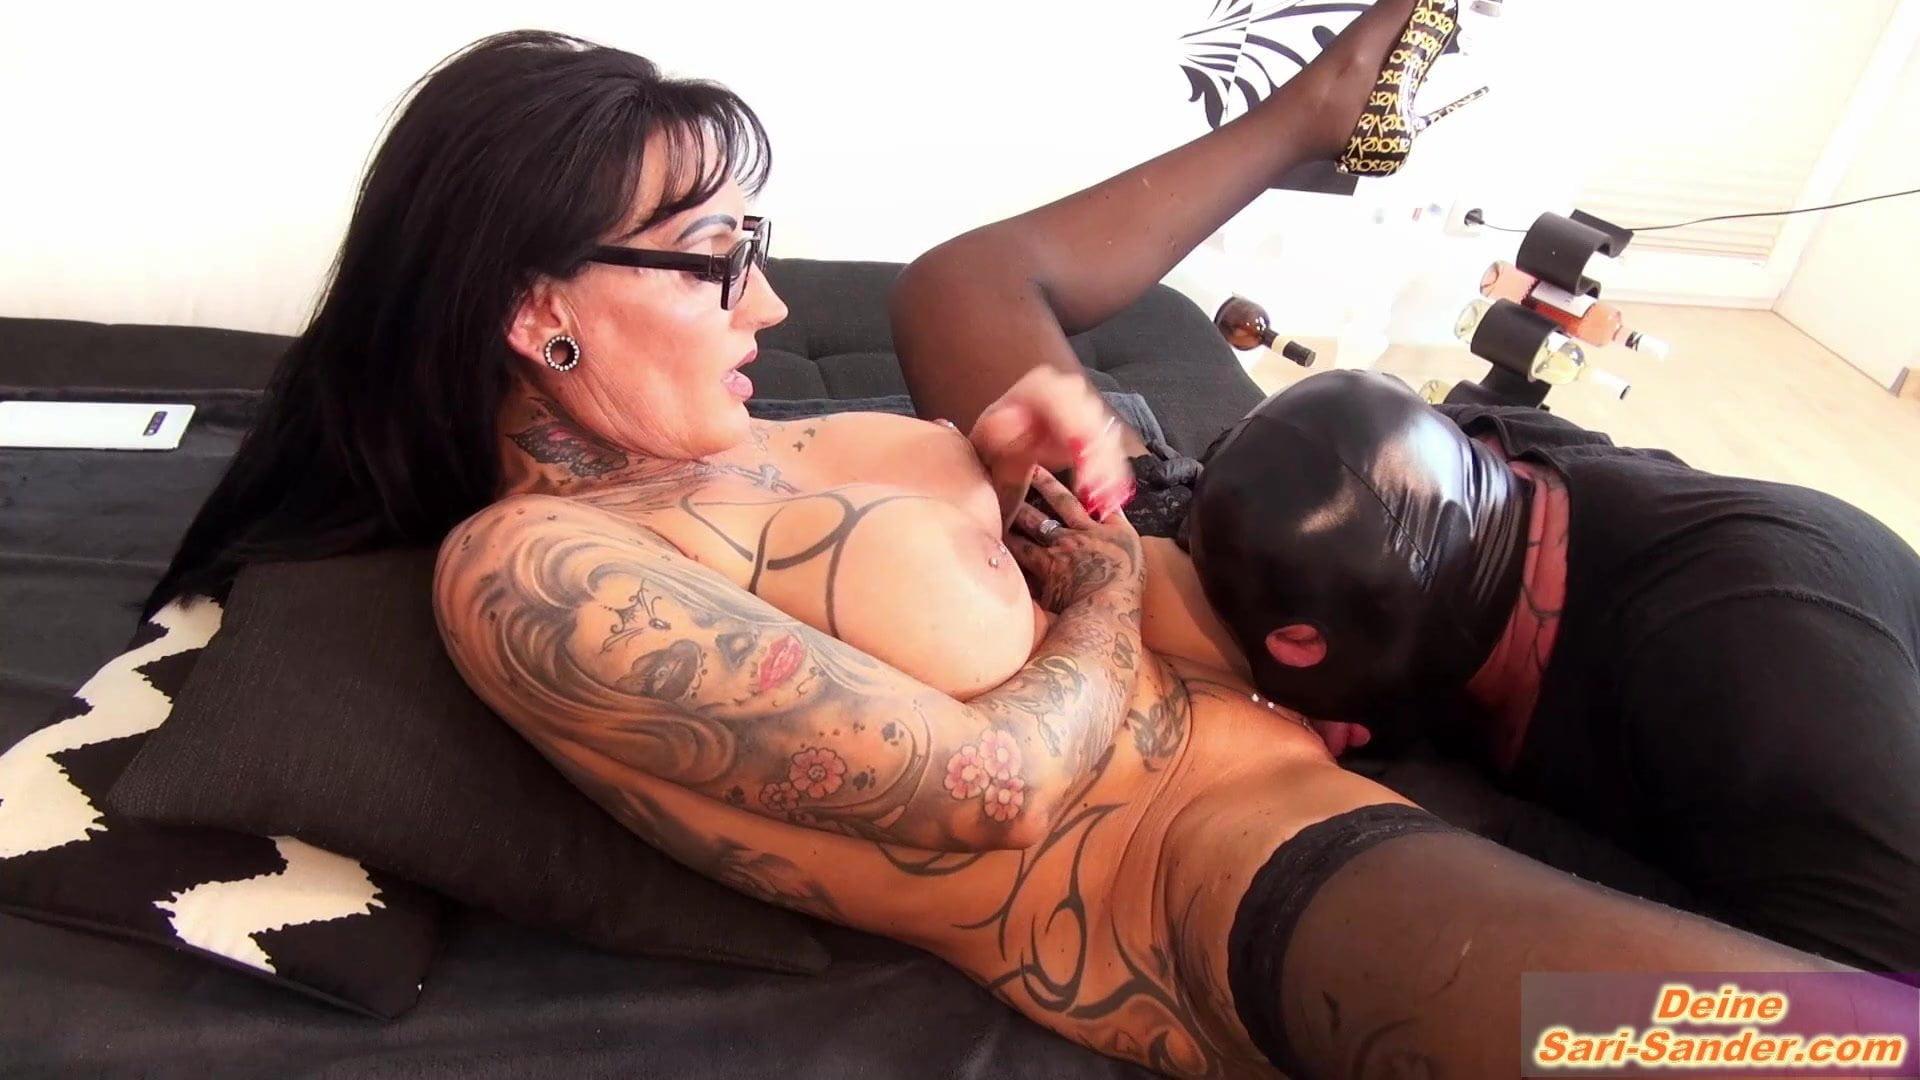 Deutsche Hausfrau mit Dicken Titten im Doppelfick